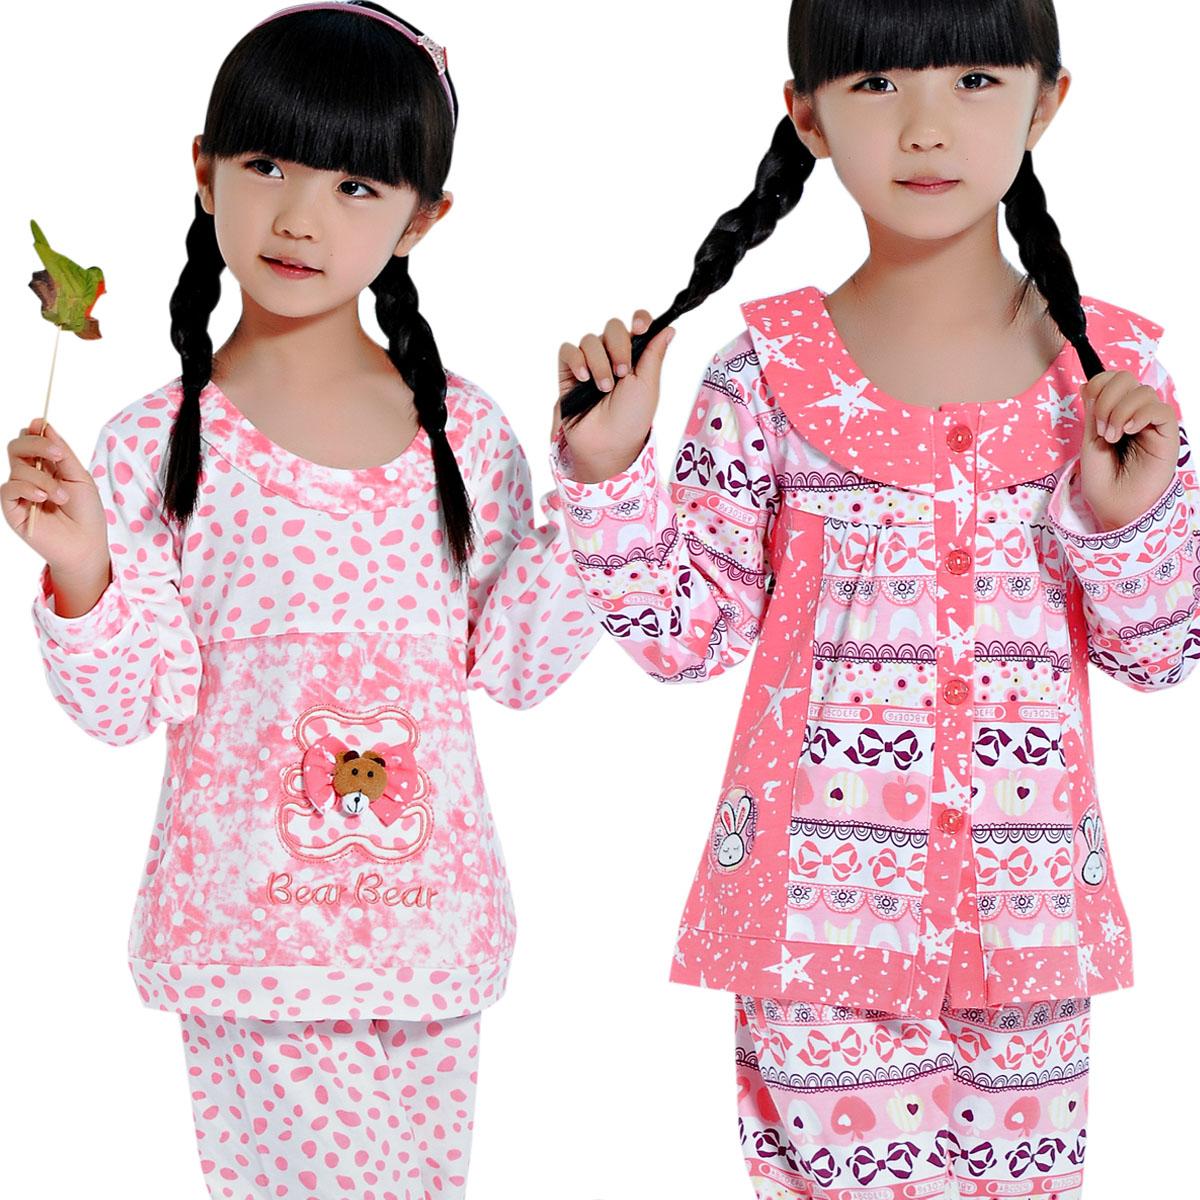 儿童睡衣长袖女童春夏季童装纯棉套装宝宝母女亲子家居服舒露宝